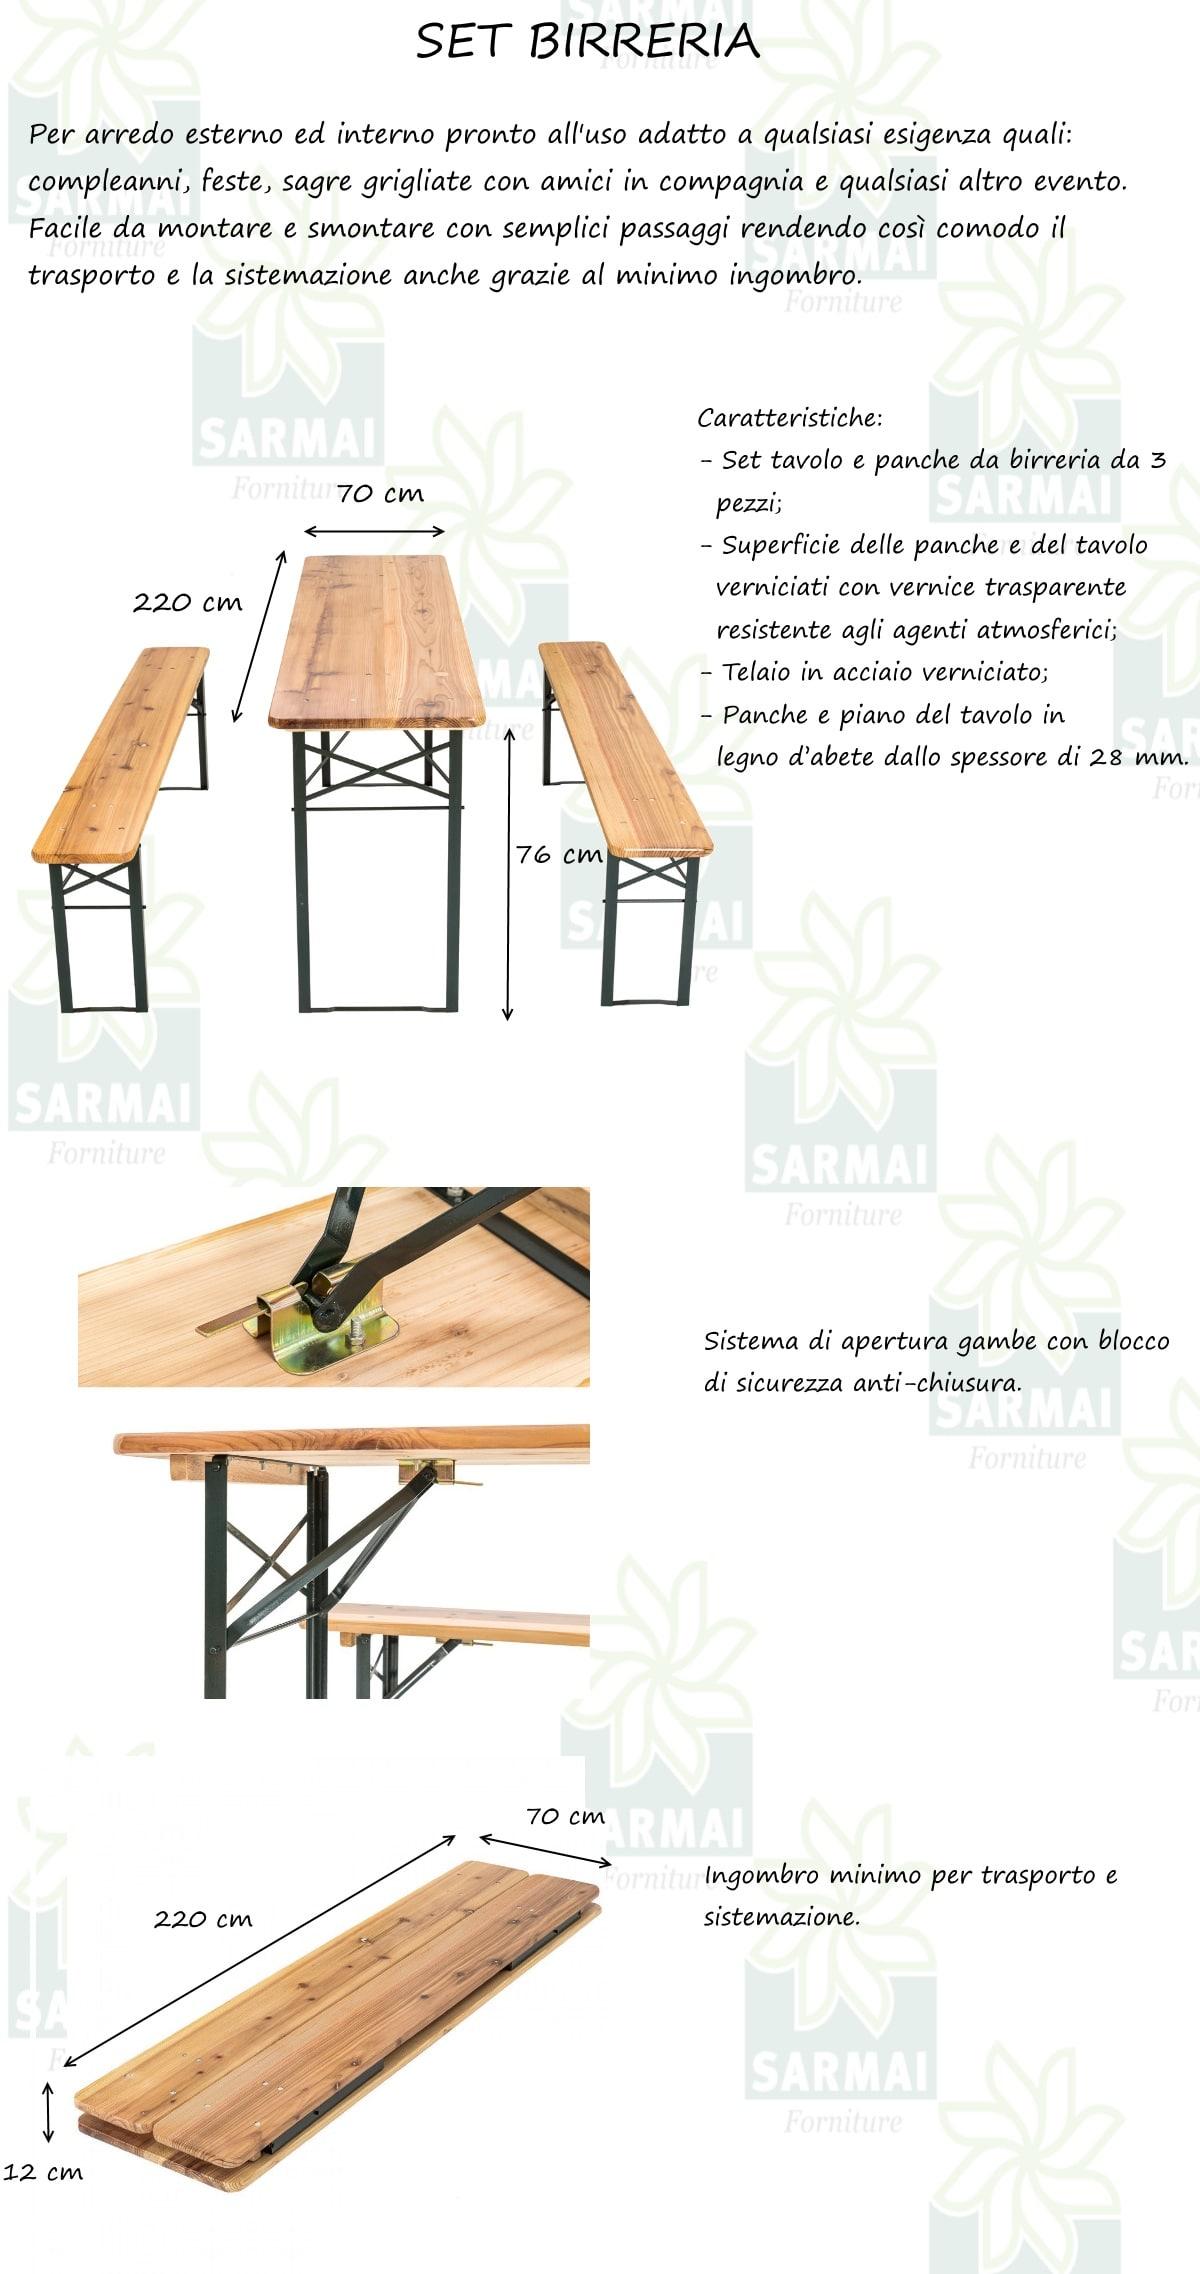 Tavoli E Panche Birreria Usati.Set Birreria Tavolo 2 Panche Richiudibili In Legno 220x70xh76